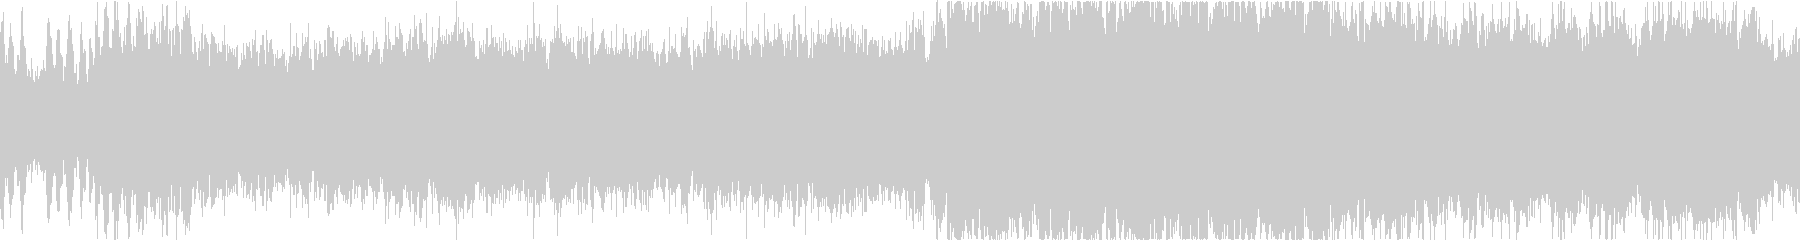 近未来なオーケストラ/テクノ ループの未再生の波形